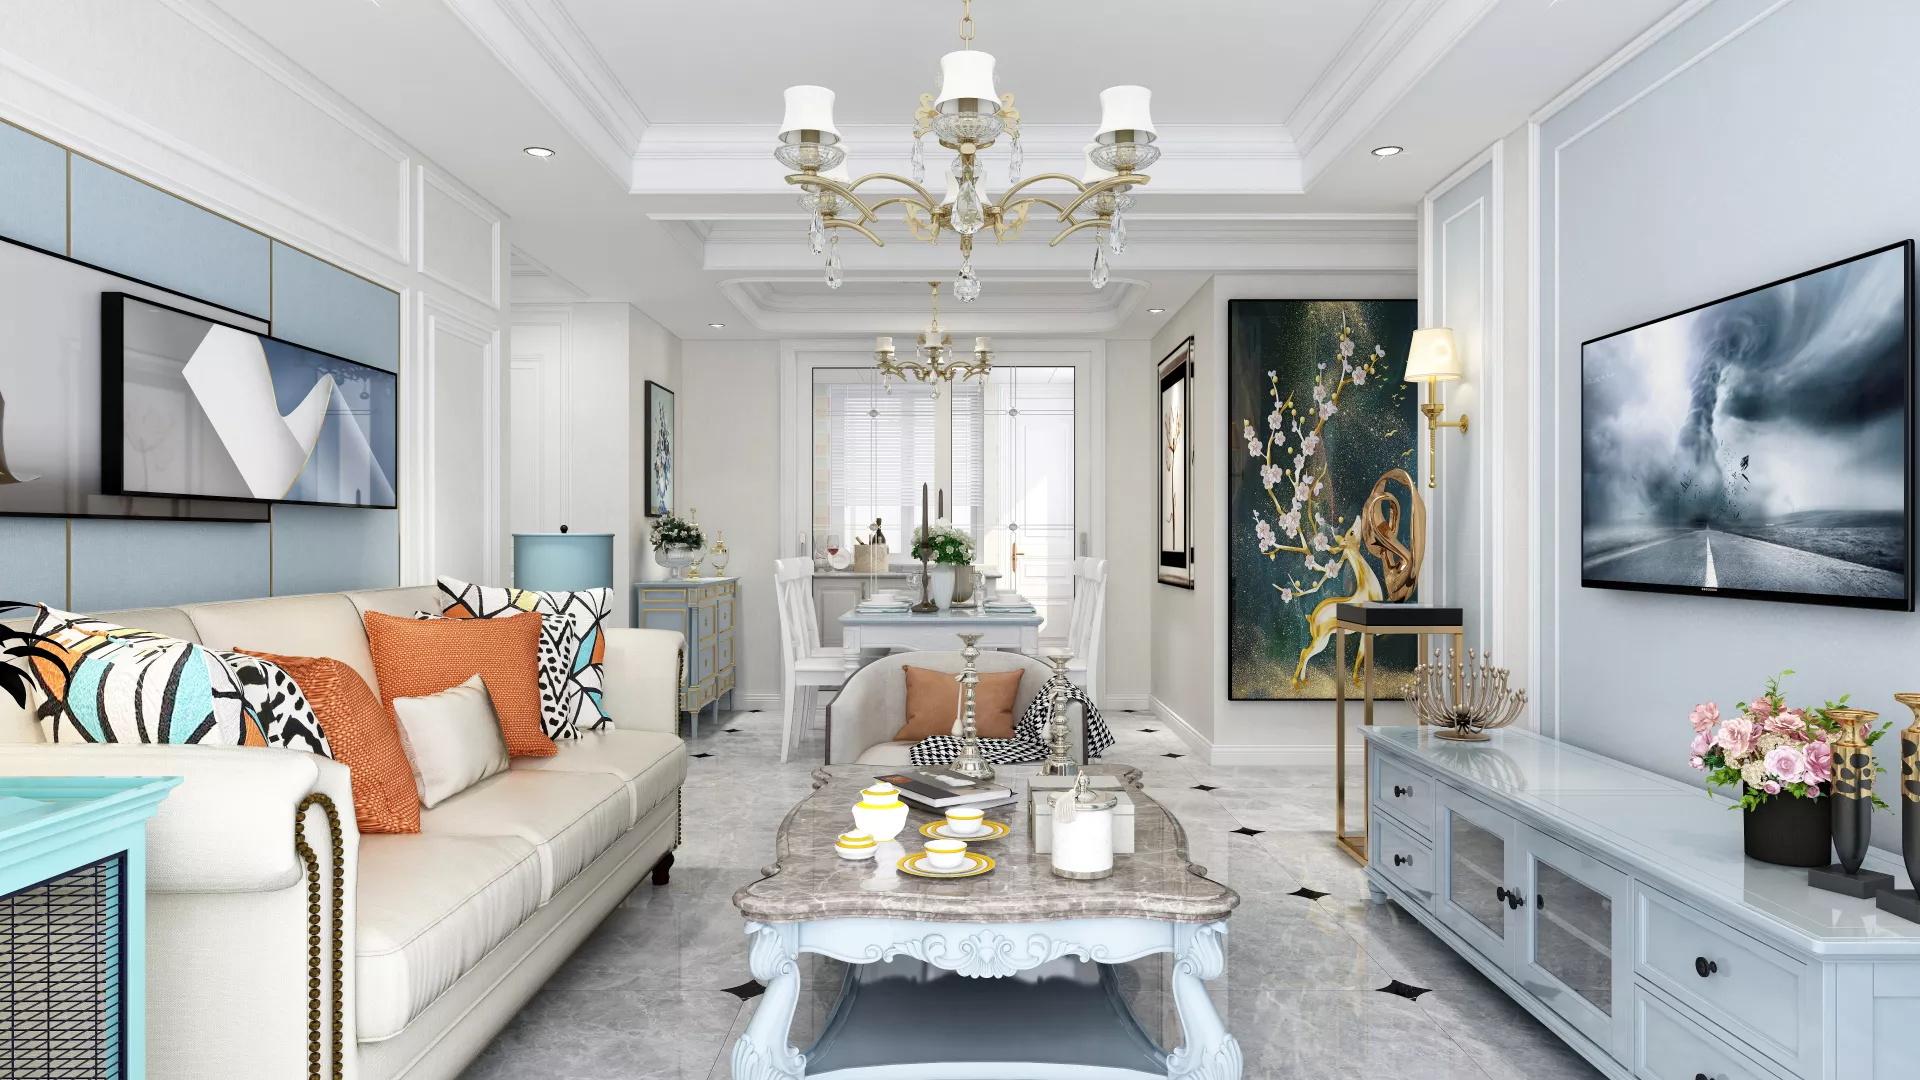 美式家装设计知识 美式家装多少钱一平方